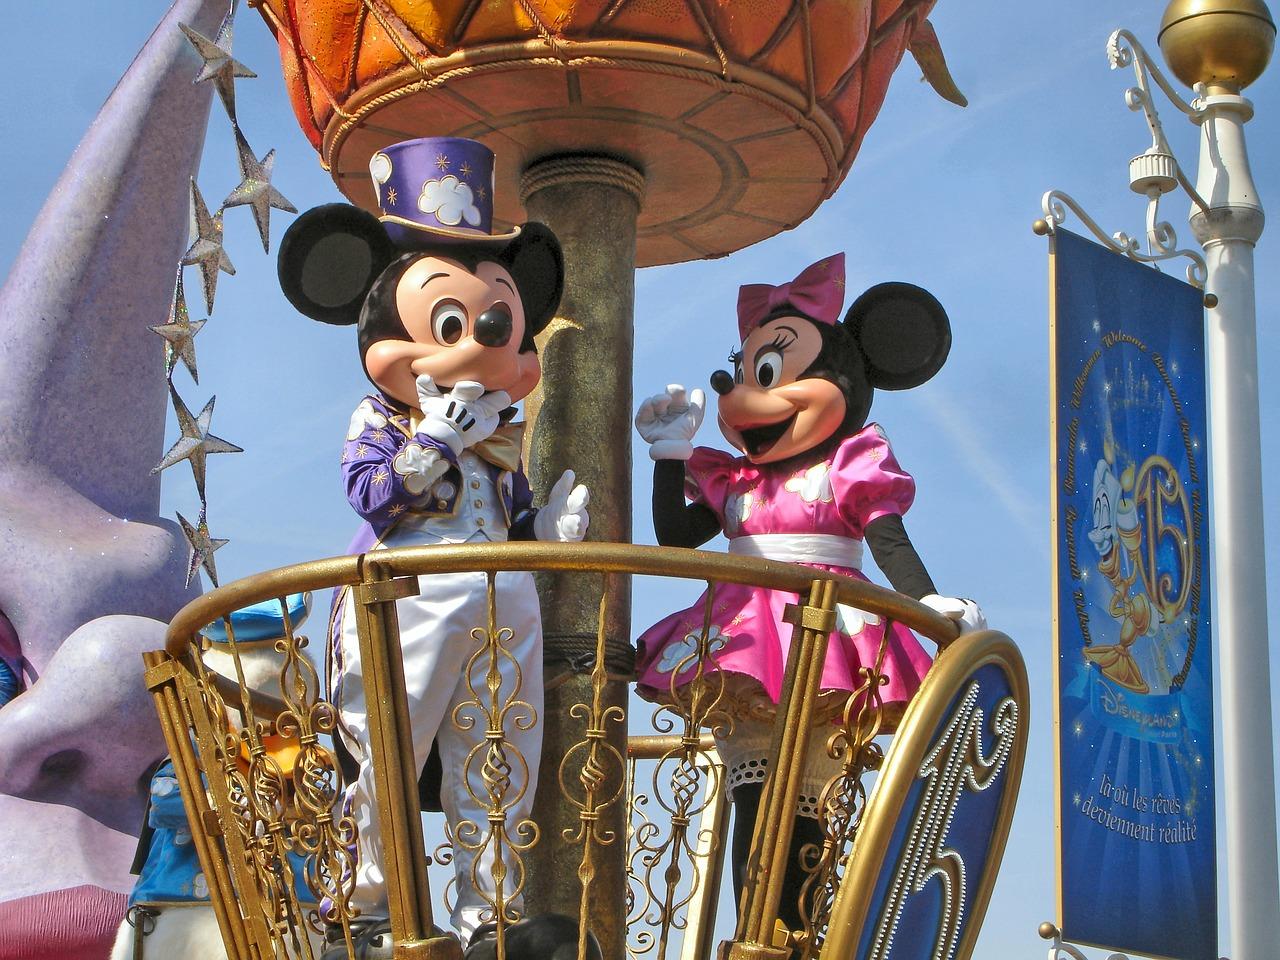 ディズニーランドの大人流楽しみ方♪ゆったり優雅に満喫しよう